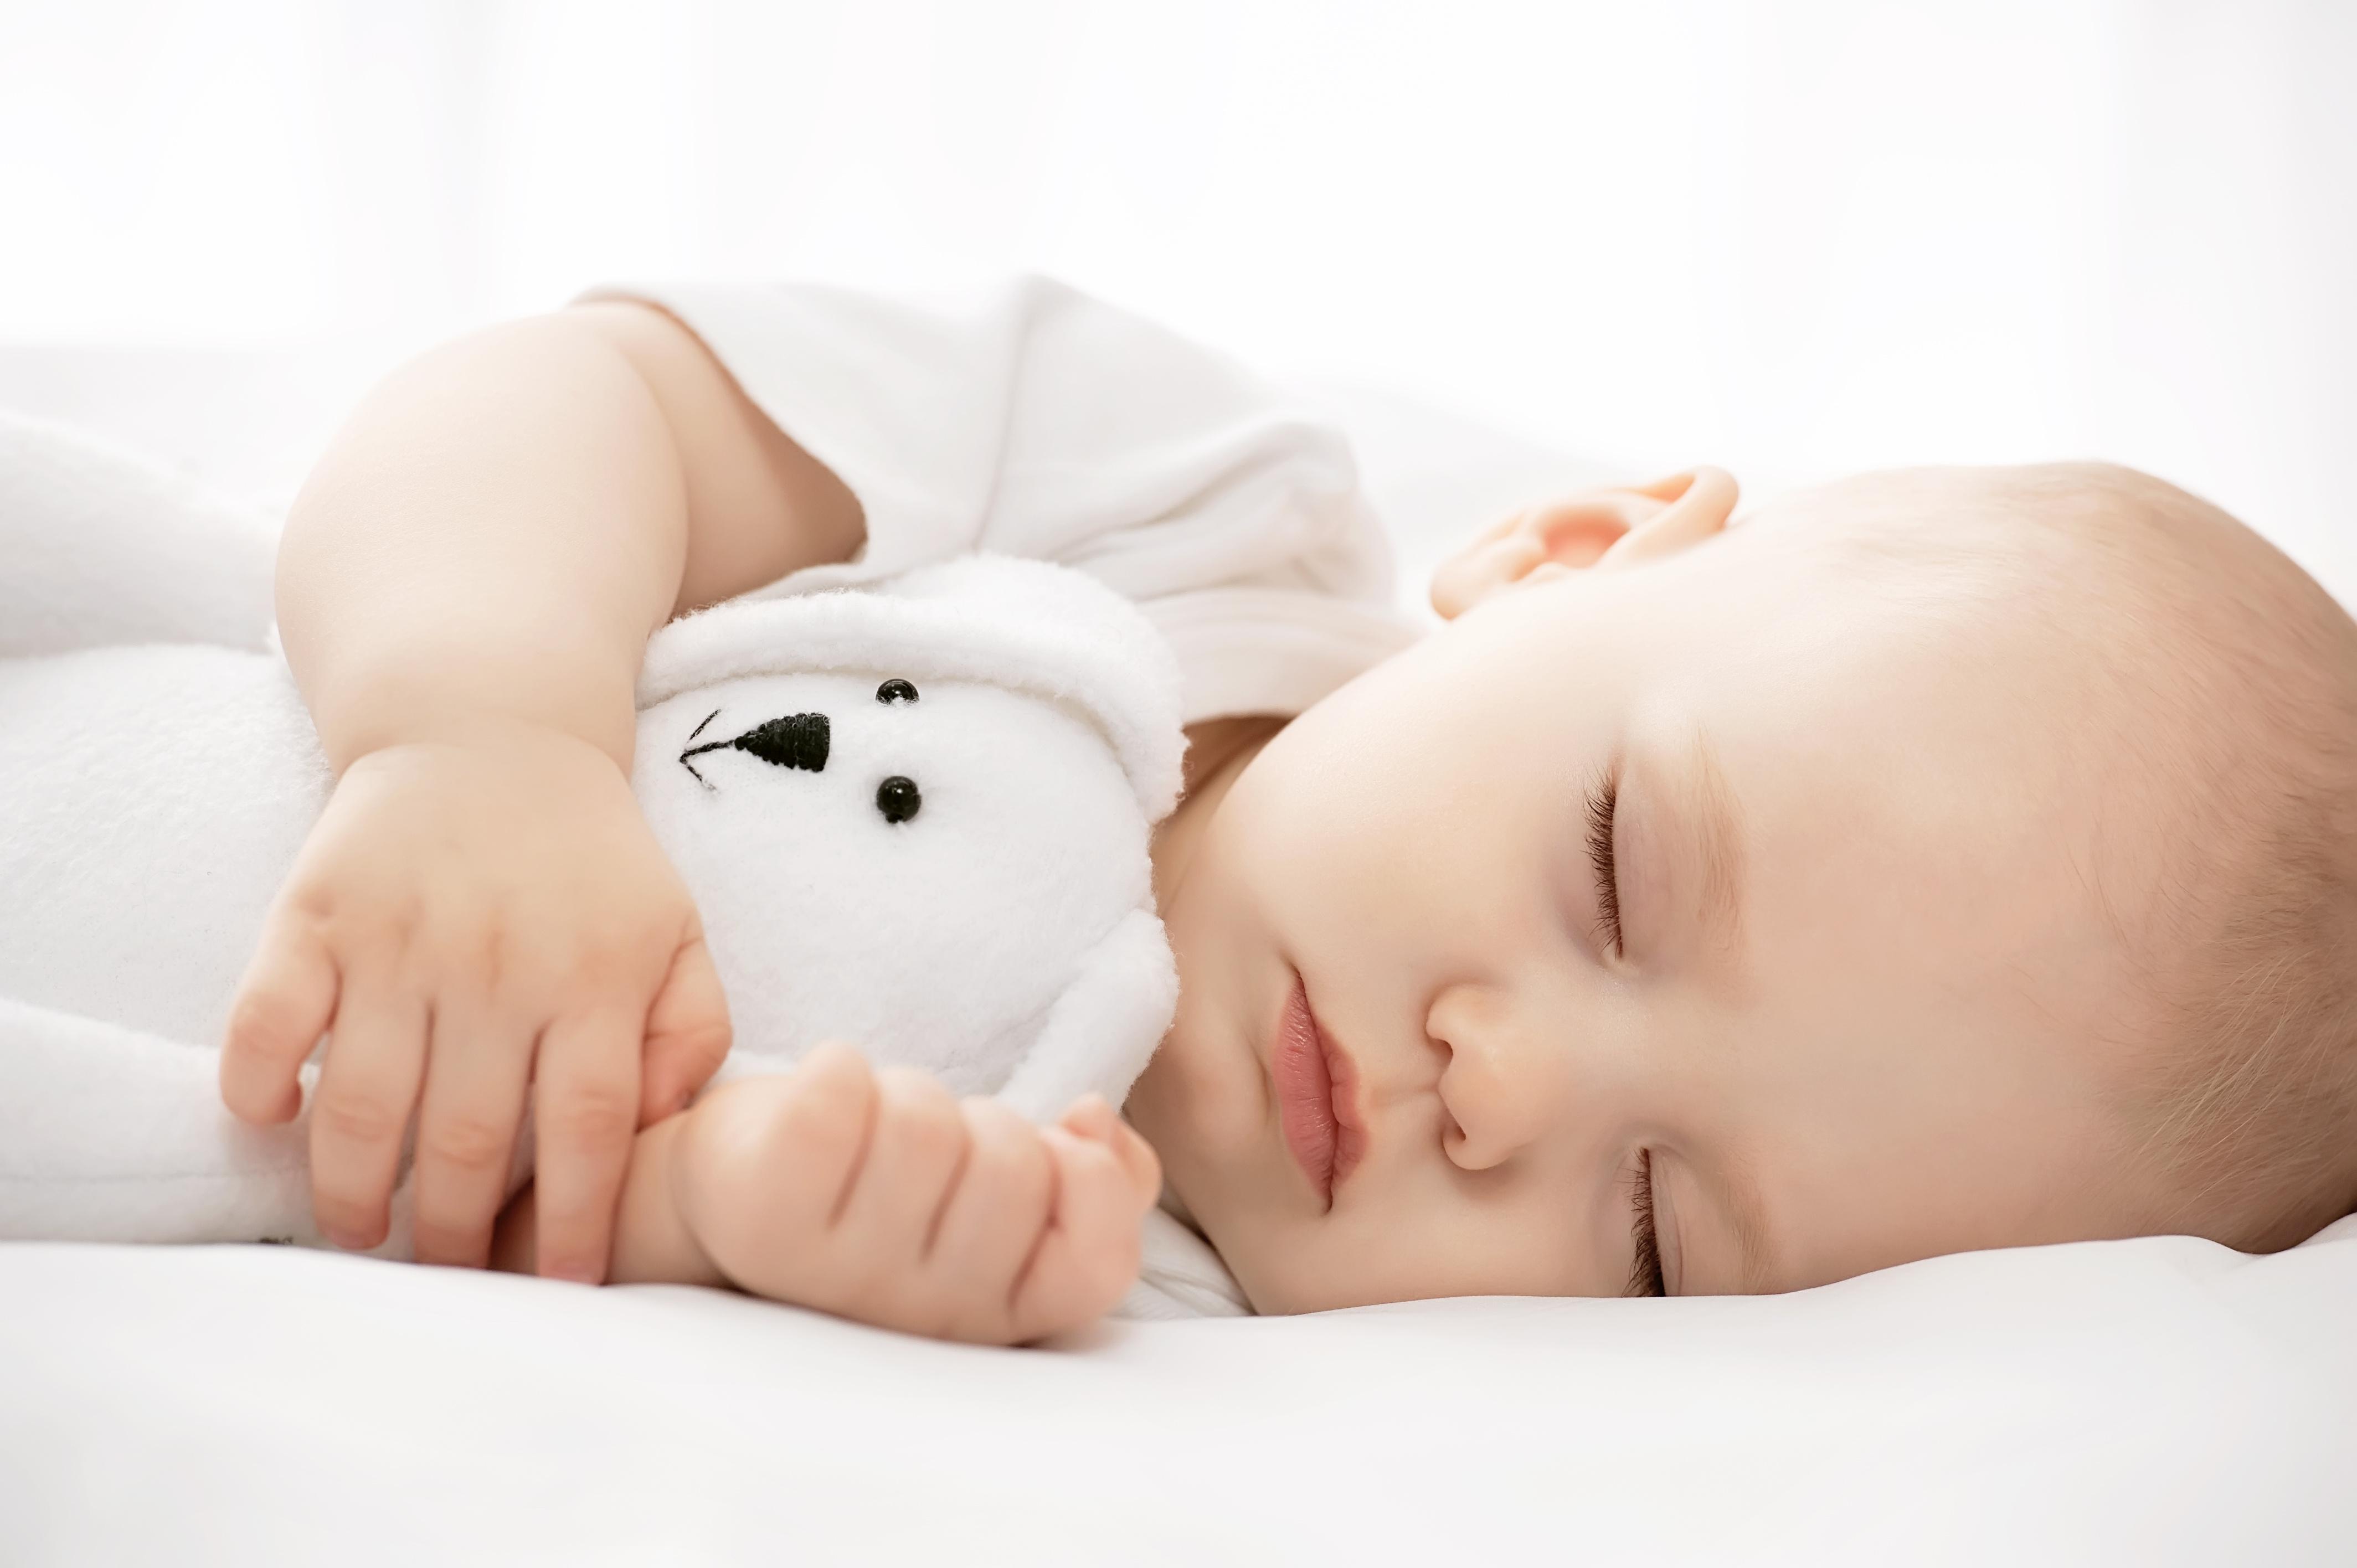 Cách chăm sóc trẻ 2 tháng tuổi không phải mẹ nào cũng biết